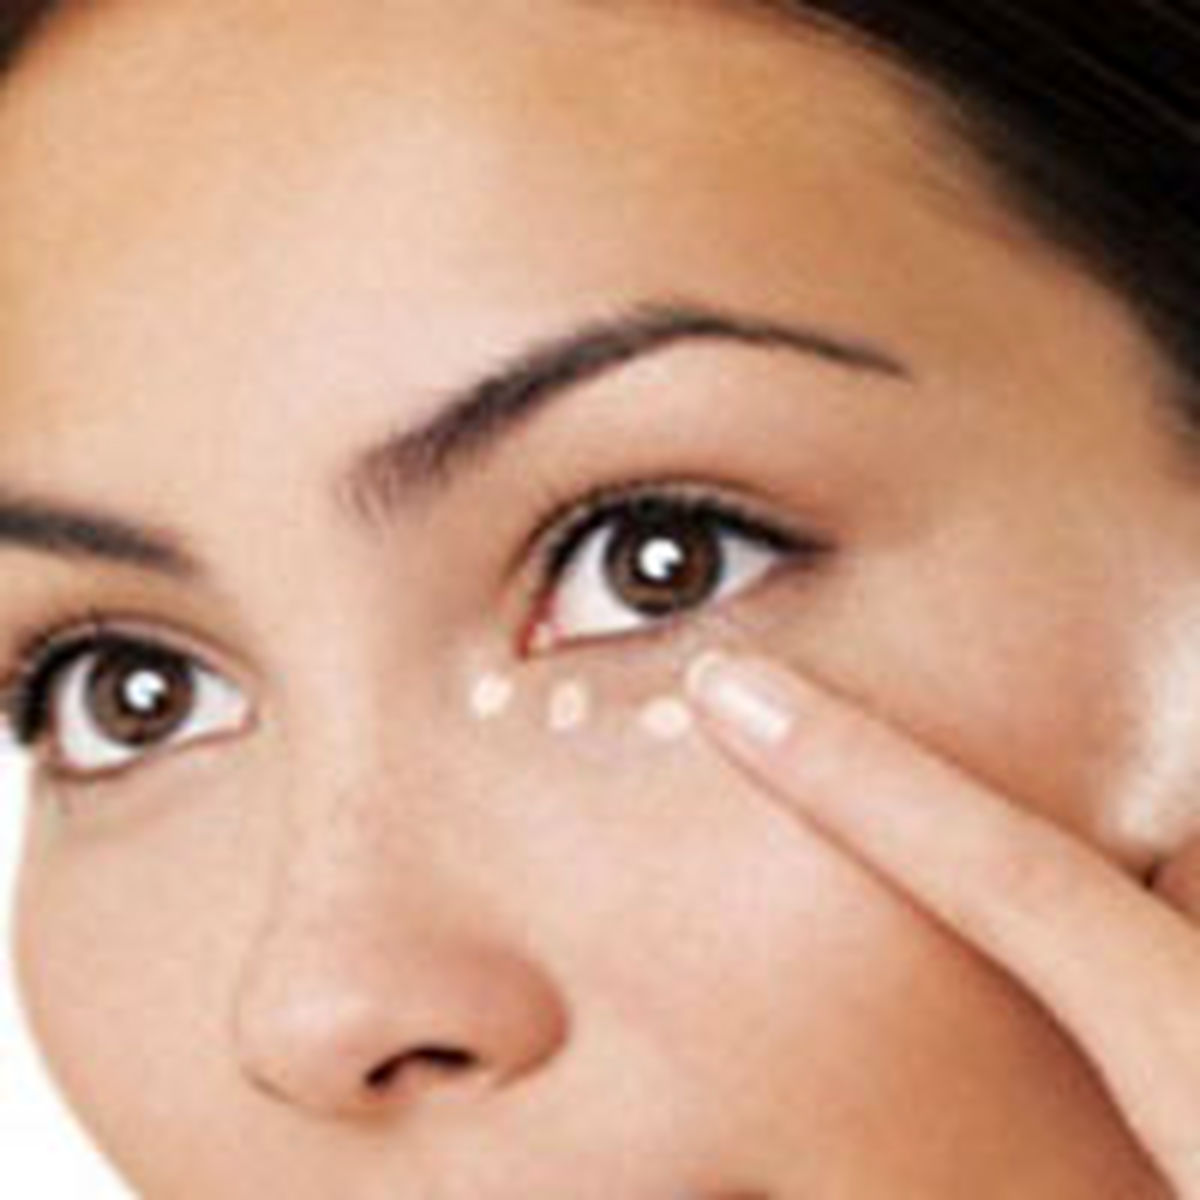 چطور میتوان سیاهی دور چشم را از بین برد؟